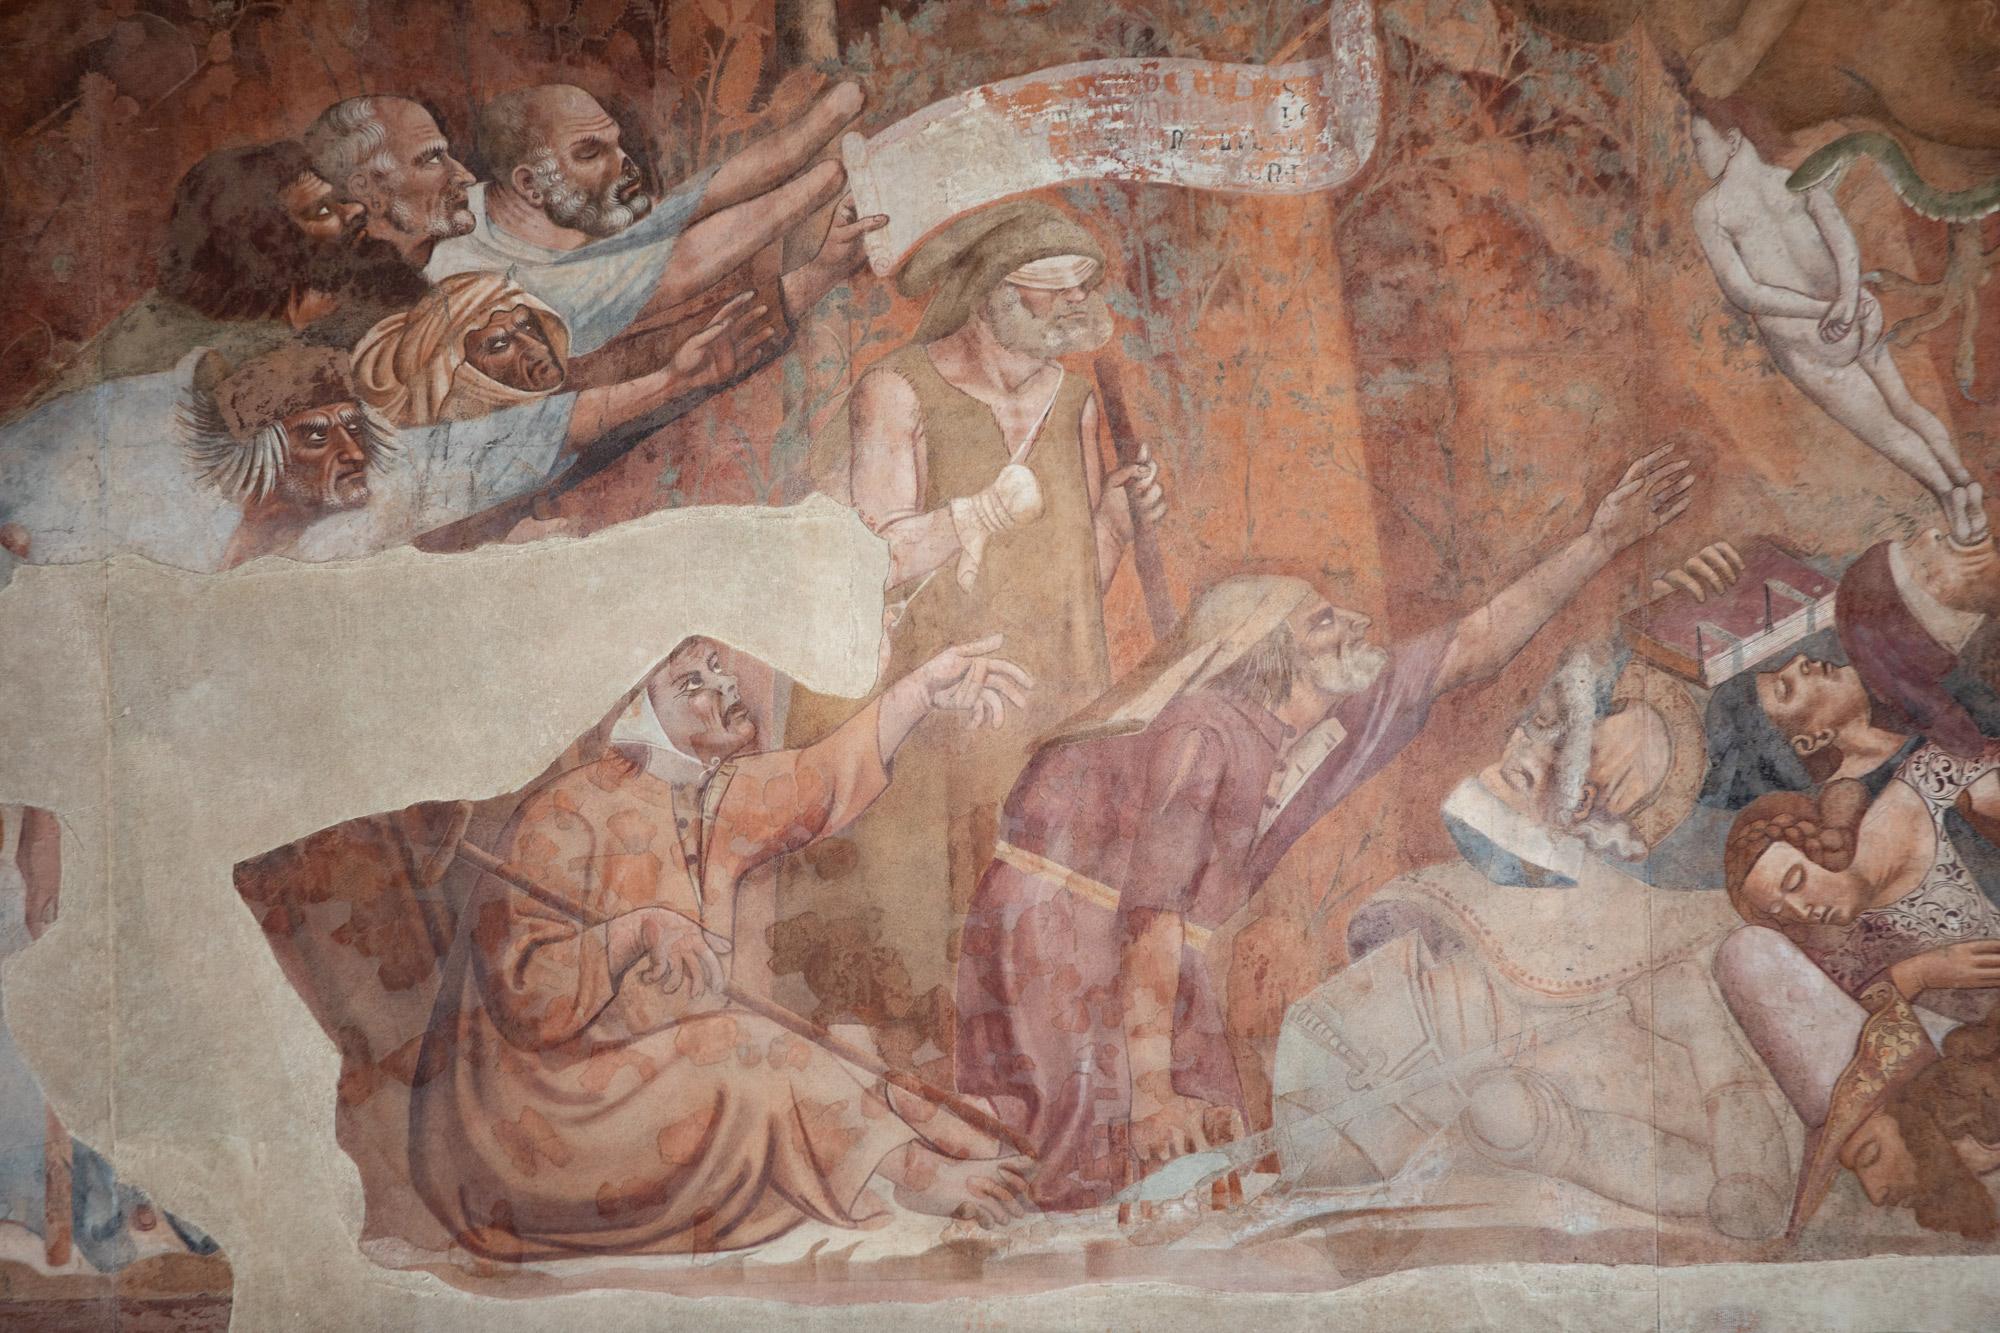 Bonamico Buffalmacco, Trionfo della Morte, dettaglio dei poveri e dei malati che invocano la Morte